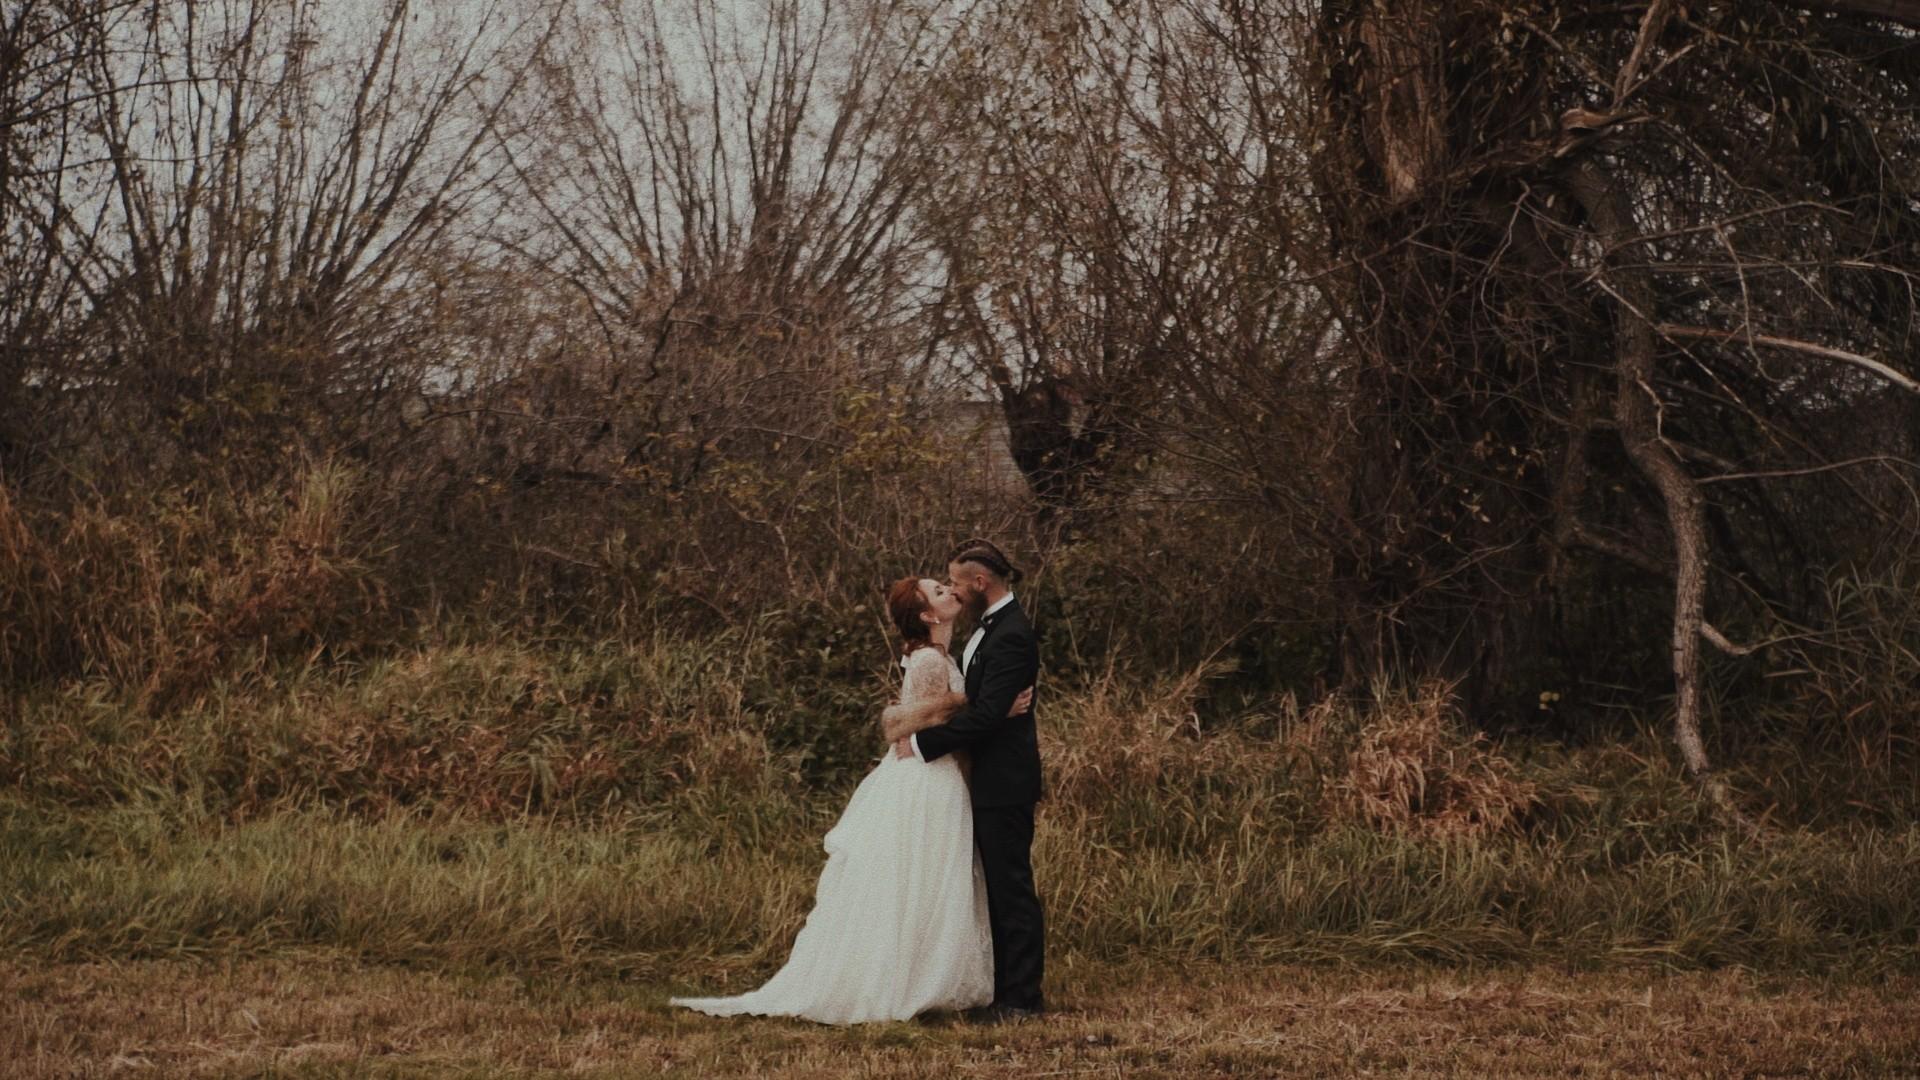 Sesja ślubna zdjęciowa w lesie